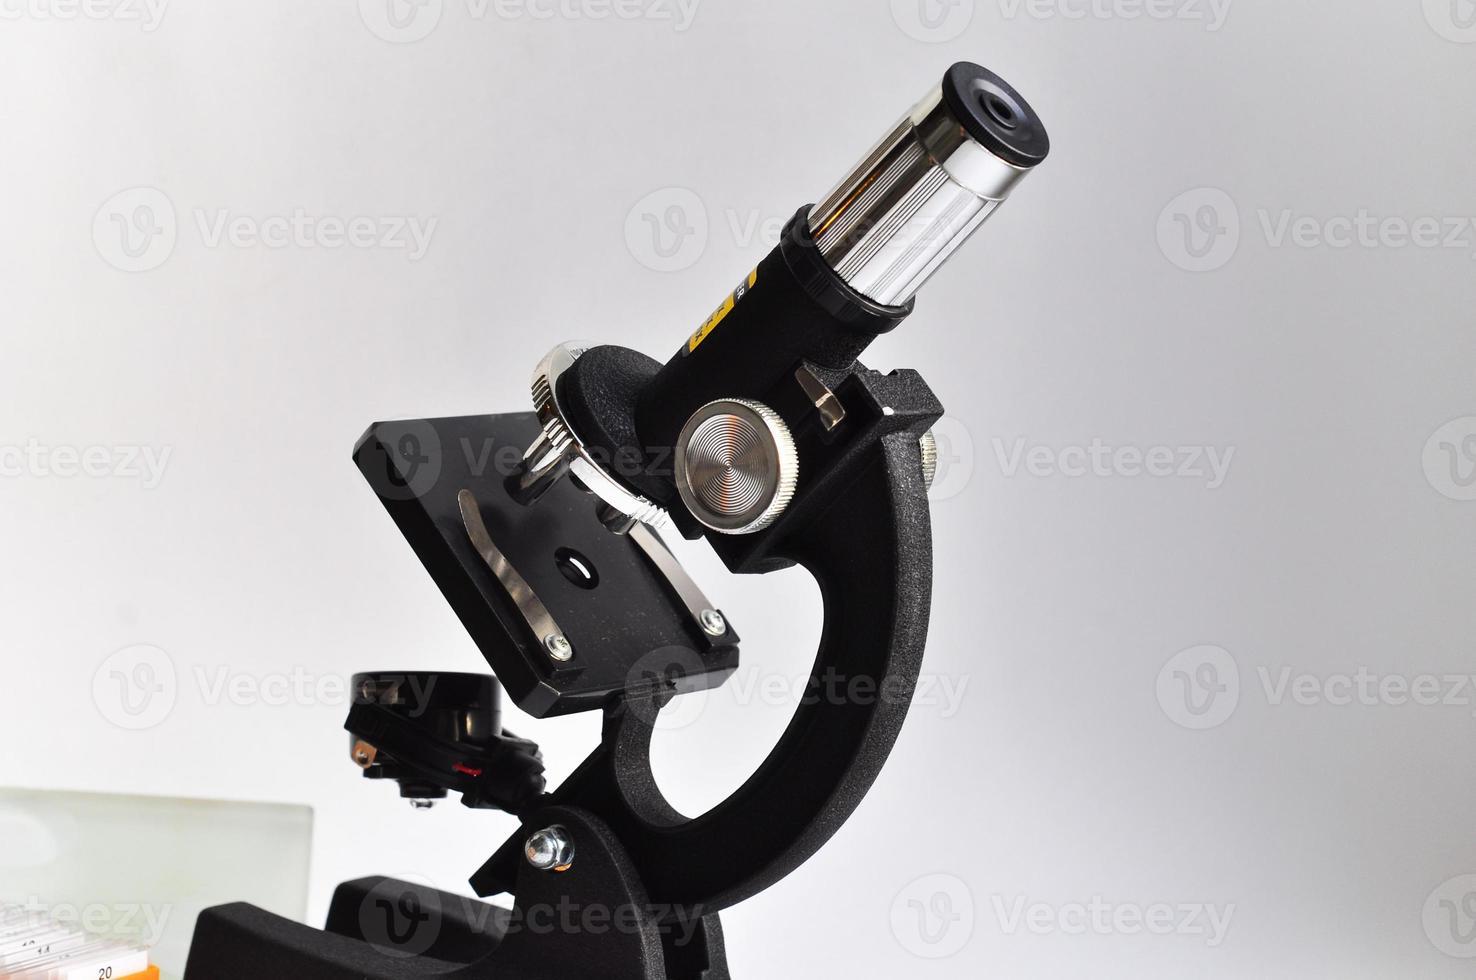 o microscópio em um fundo branco. foto